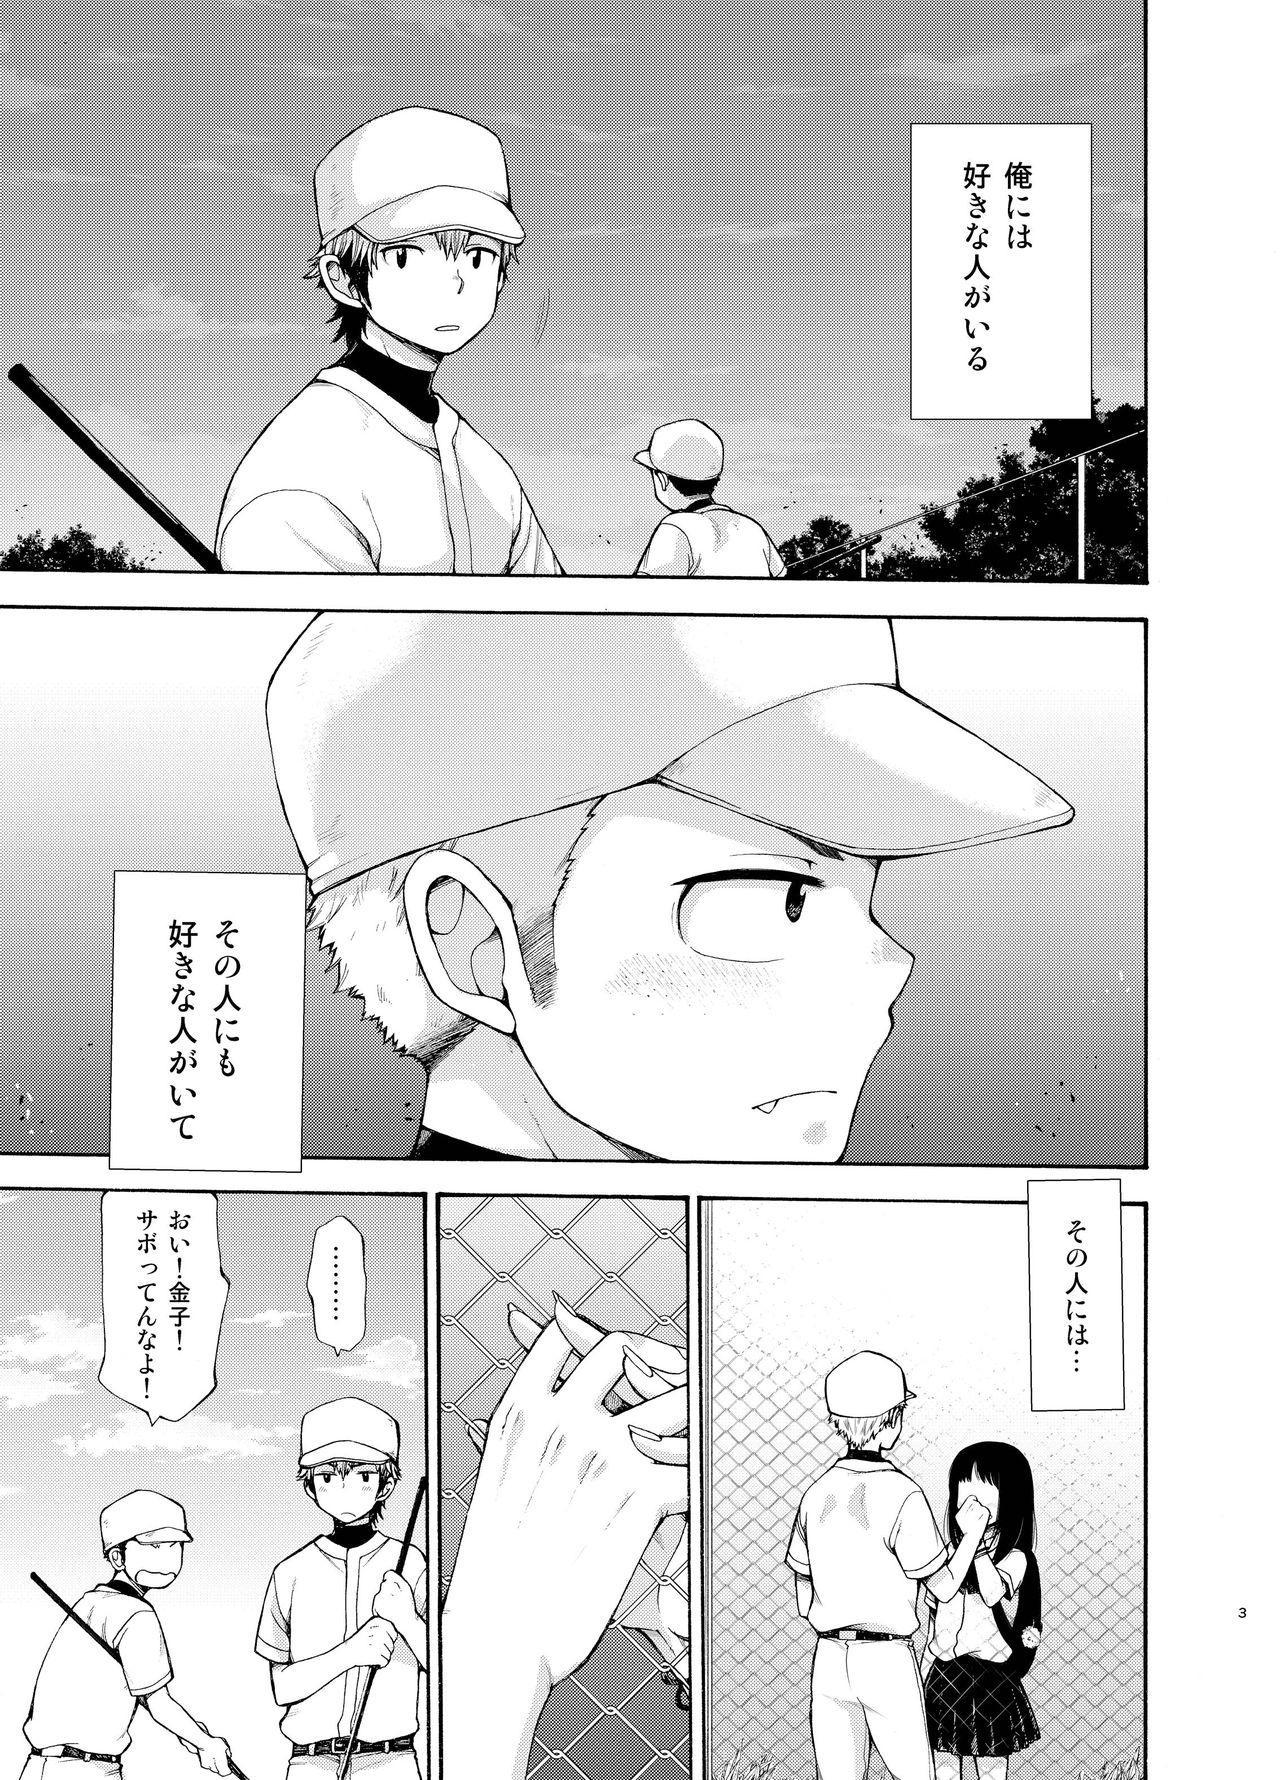 Yuuwaku ni Yowai Ore no Senpai 2